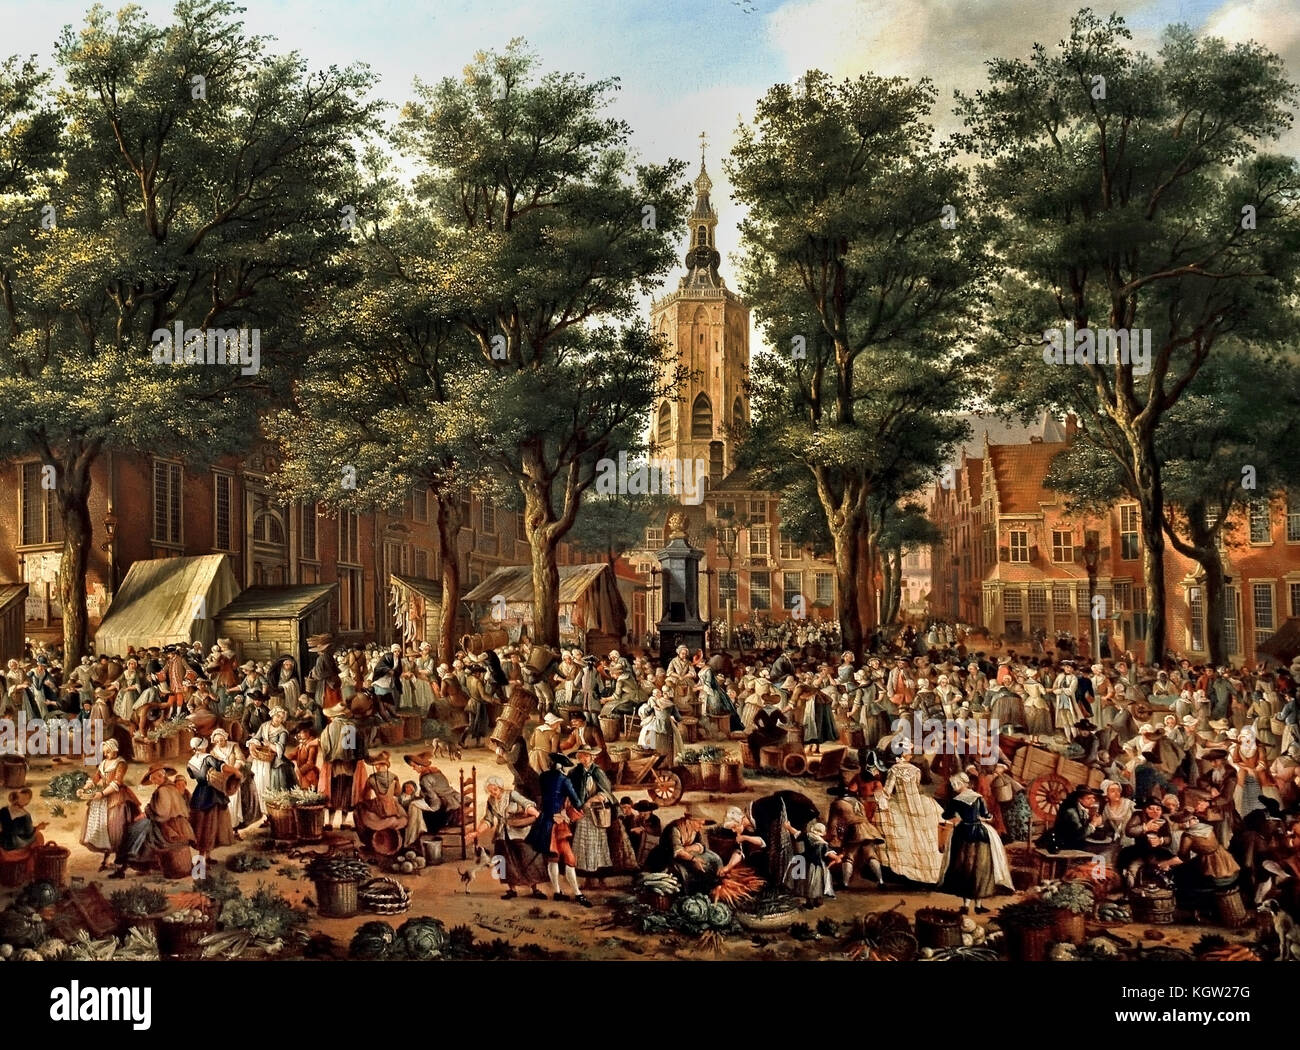 The Grote Markt at The Hague 1760, Paulus Constantijn La Fargue 1729 - 1782 Dutch Netherlands  ( The market square - Stock Image